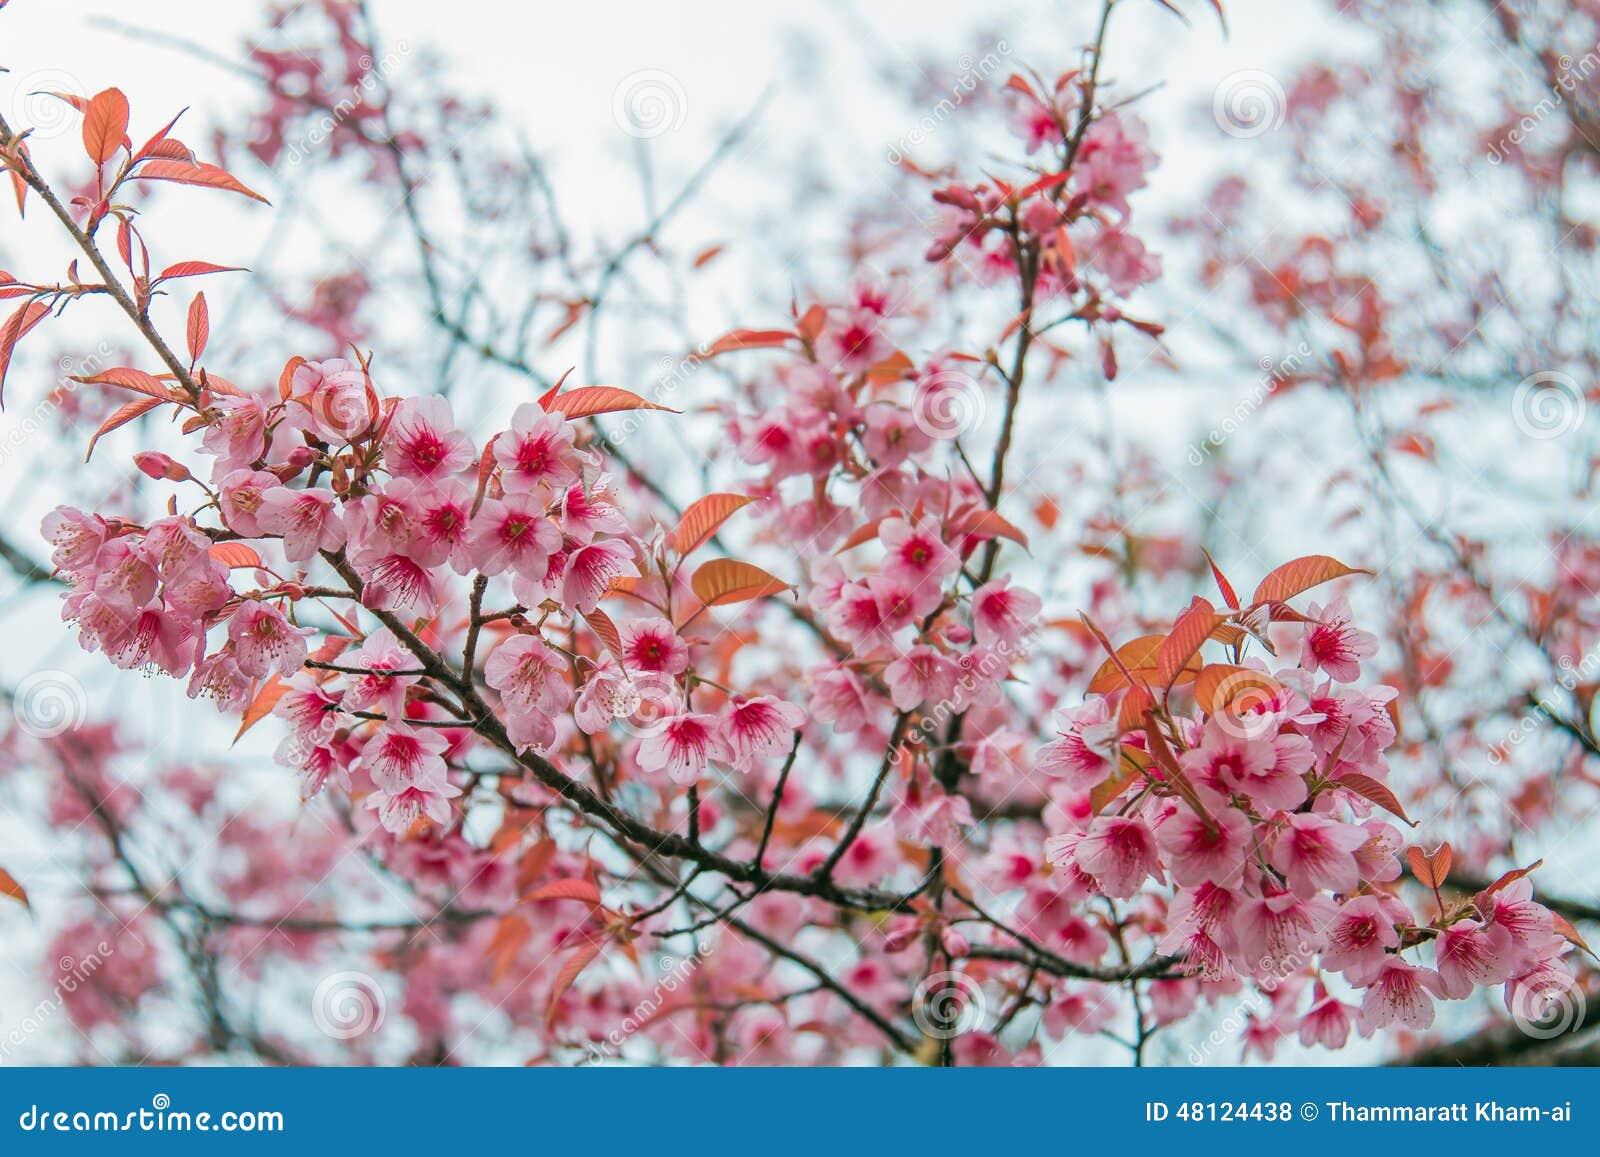 Fleurs d 39 hiver photo stock image 48124438 - Fleurs en hiver ...